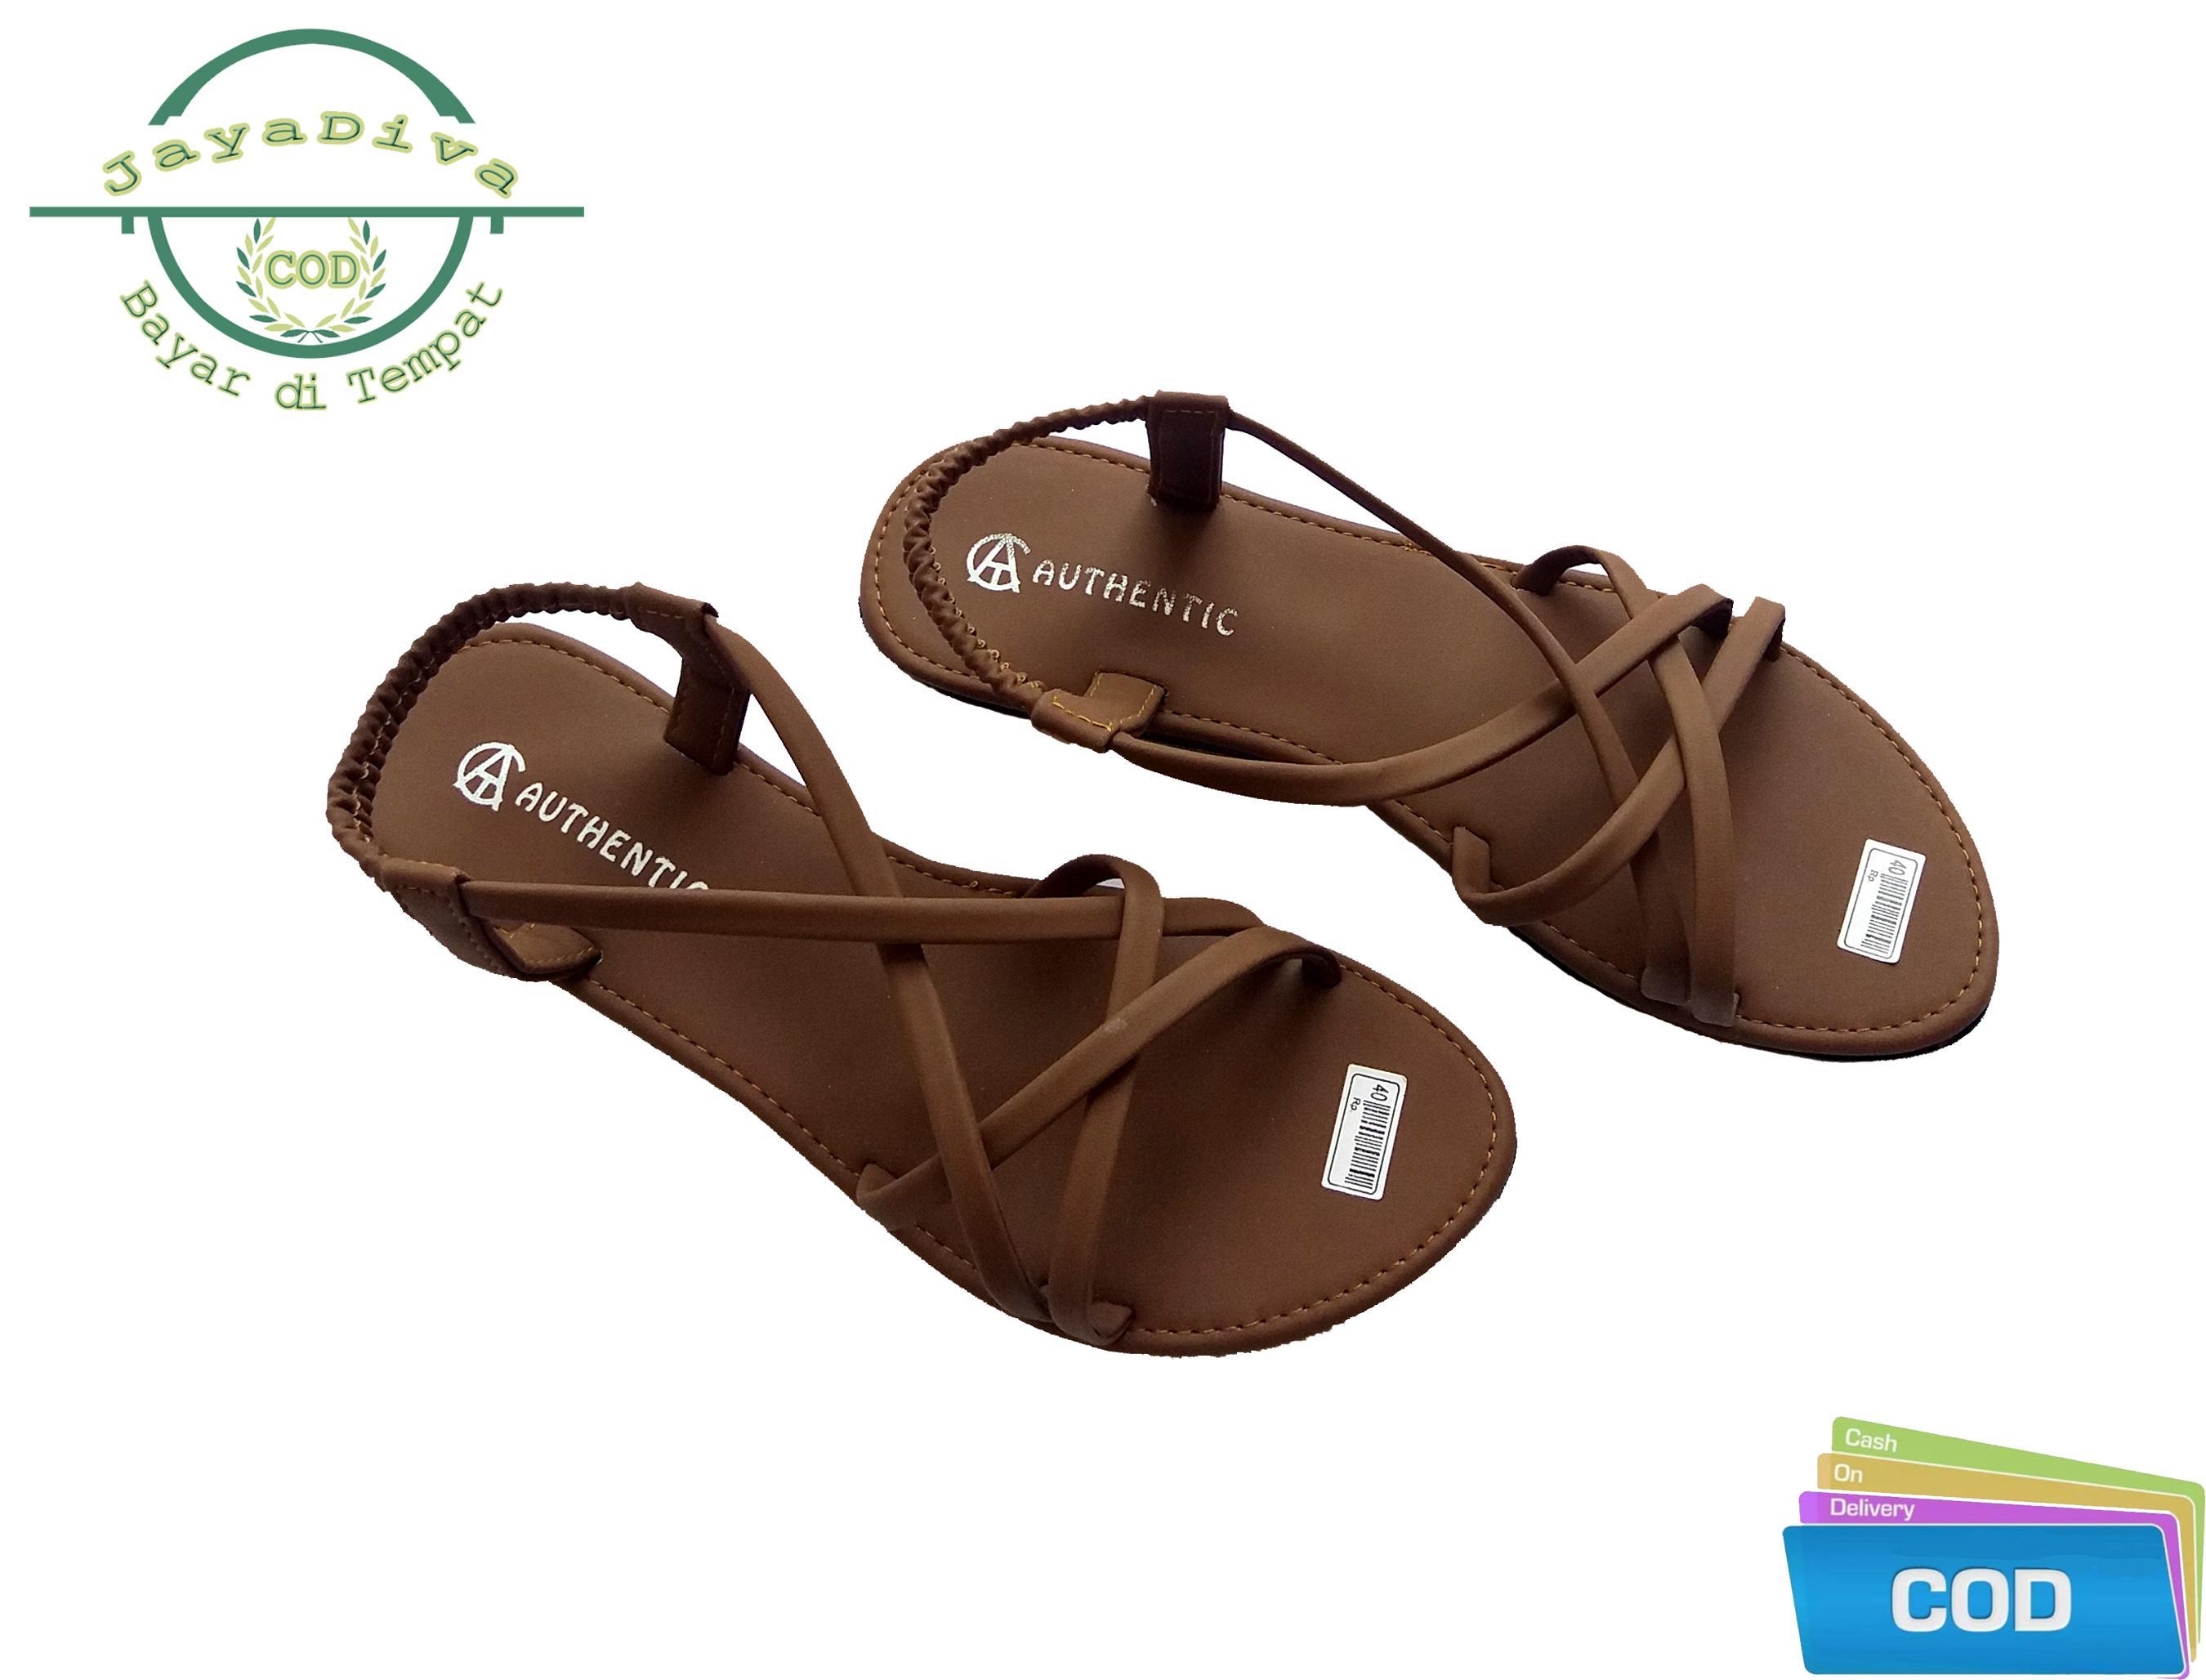 Sandal Teplek / Slip-On Model Terbaru Dengan Gaya Modis dan Trendy Untuk Wanita / Sandal Teplek Tali Silang Wanita - Varian Warna Moca / jayadiva